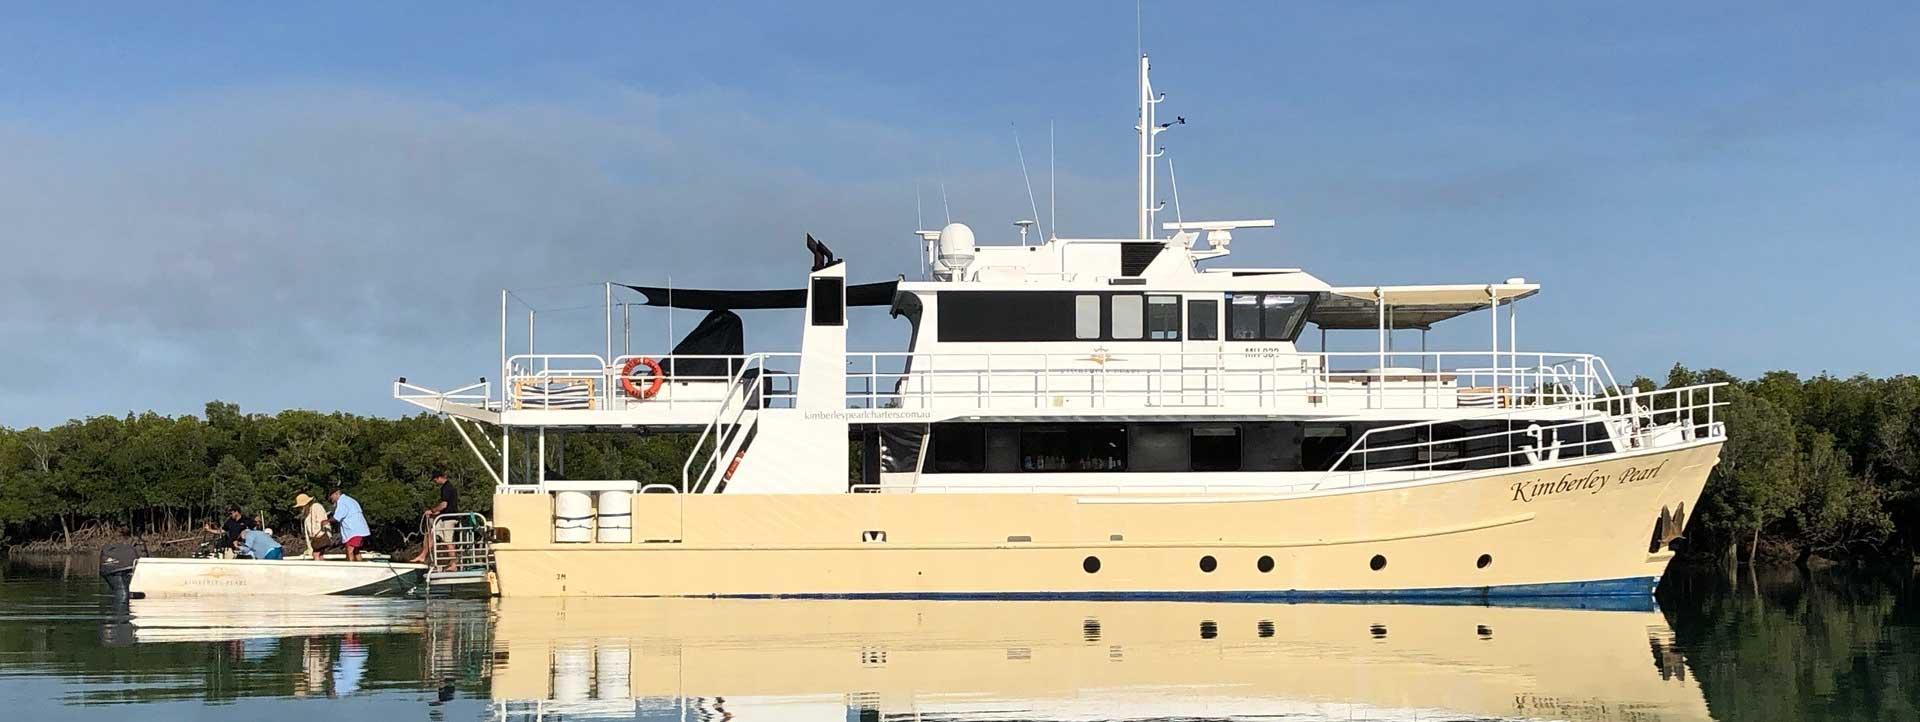 KIMBERLEY-PEARL-side-profile-Kimberley-cruises